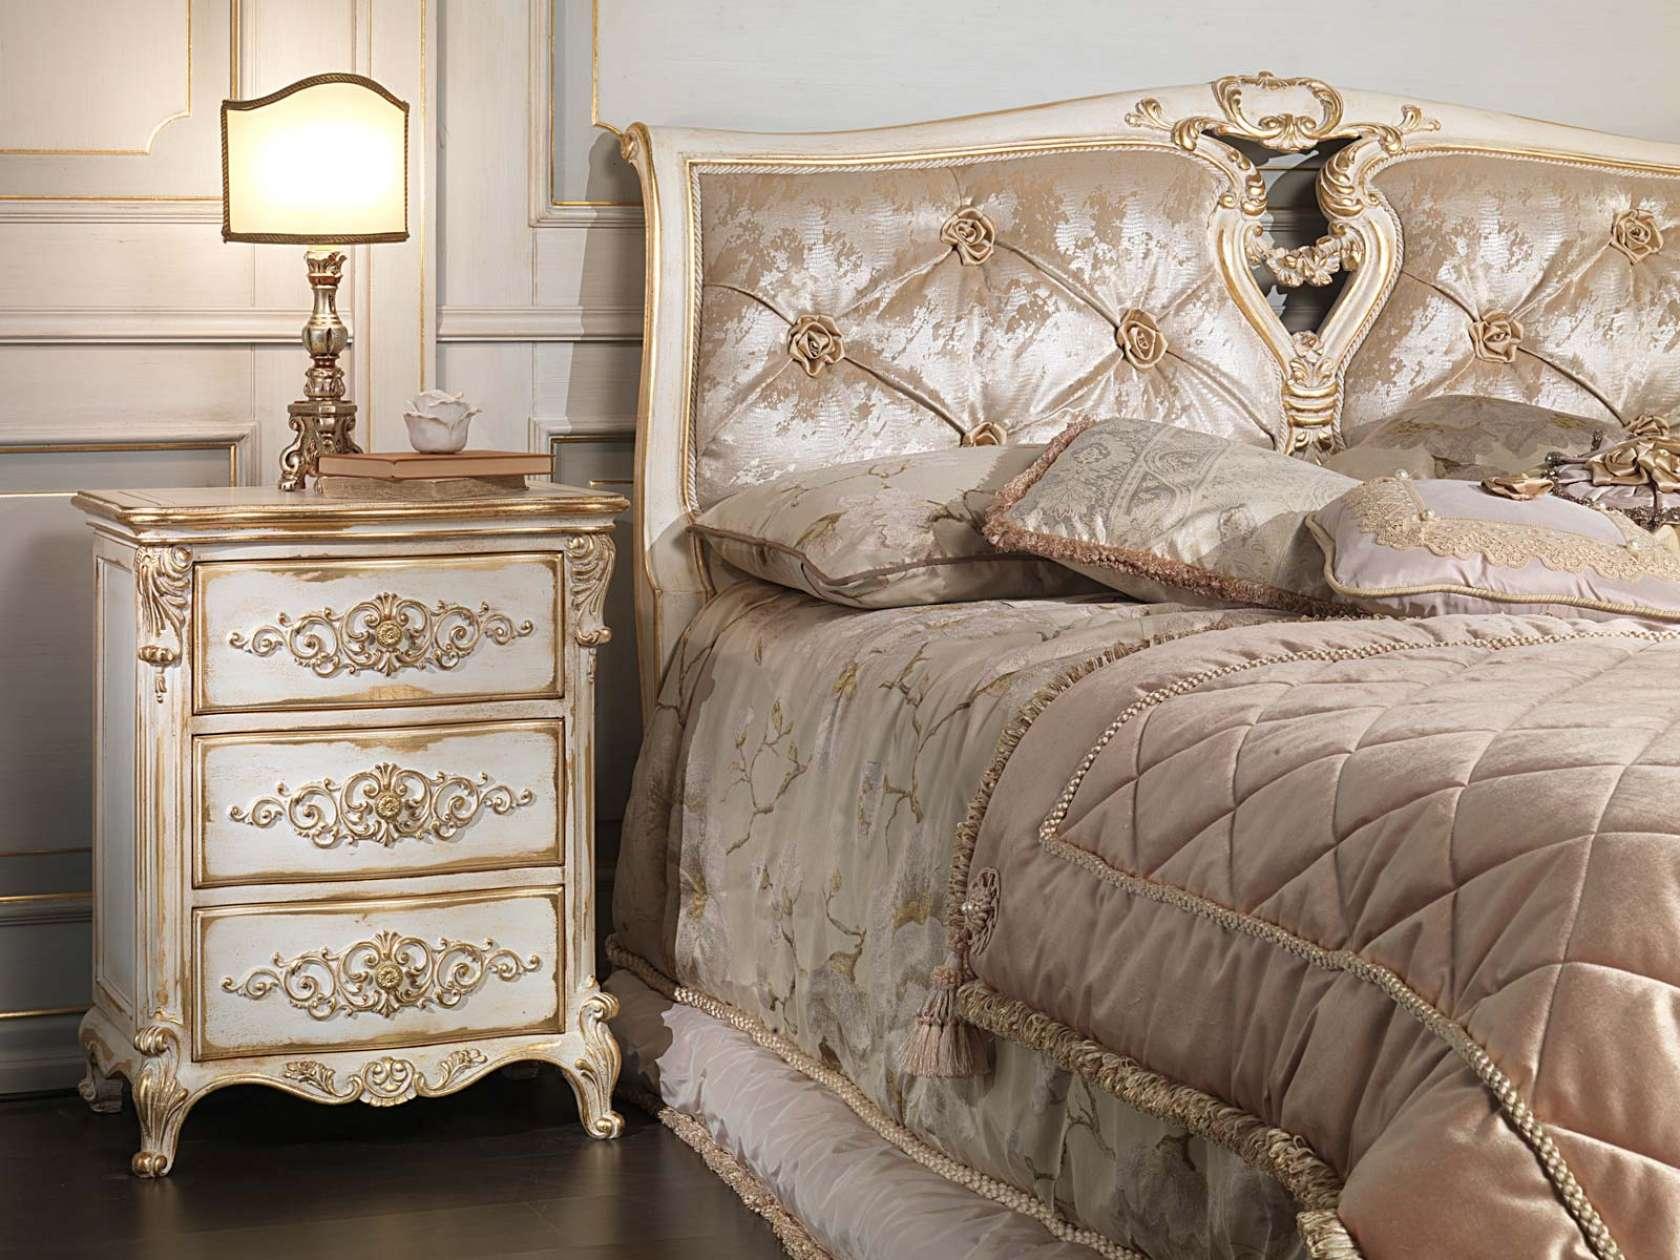 Дизайн спальни в классическом стиле (18 фото): роскошный уют в современной квартире